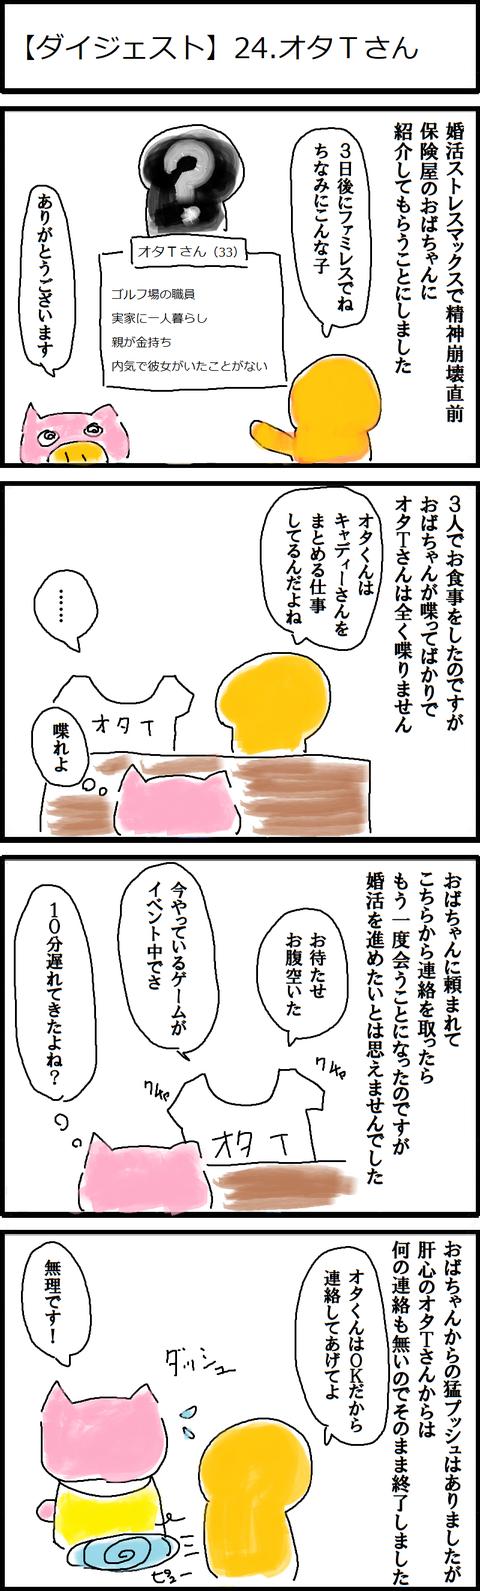 【ダイジェスト】24.オタTさん